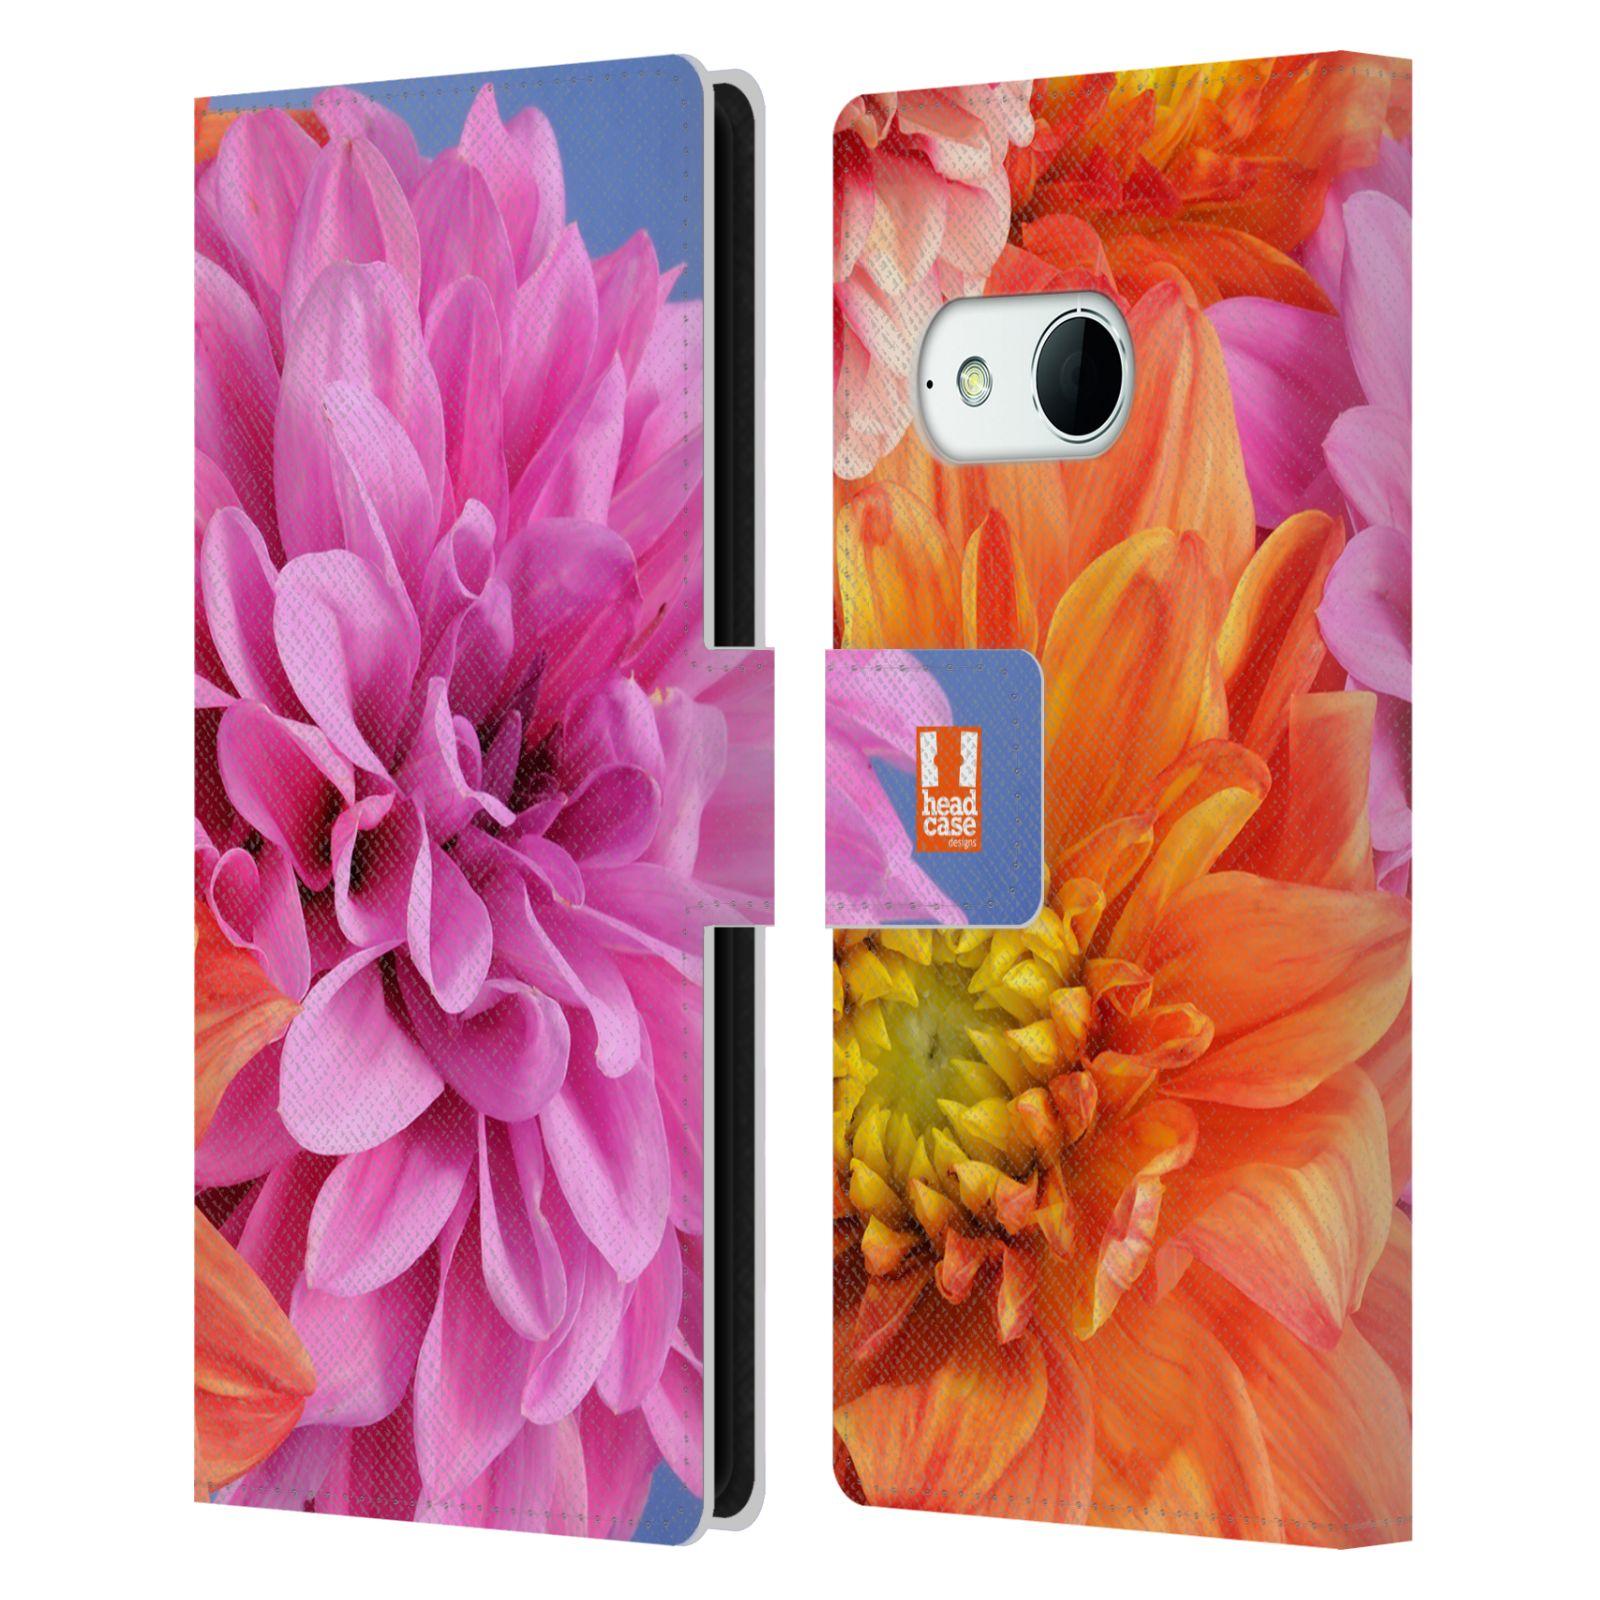 HEAD CASE Flipové pouzdro pro mobil HTC ONE MINI 2 (M8) květy foto Jiřinka růžová a oranžová